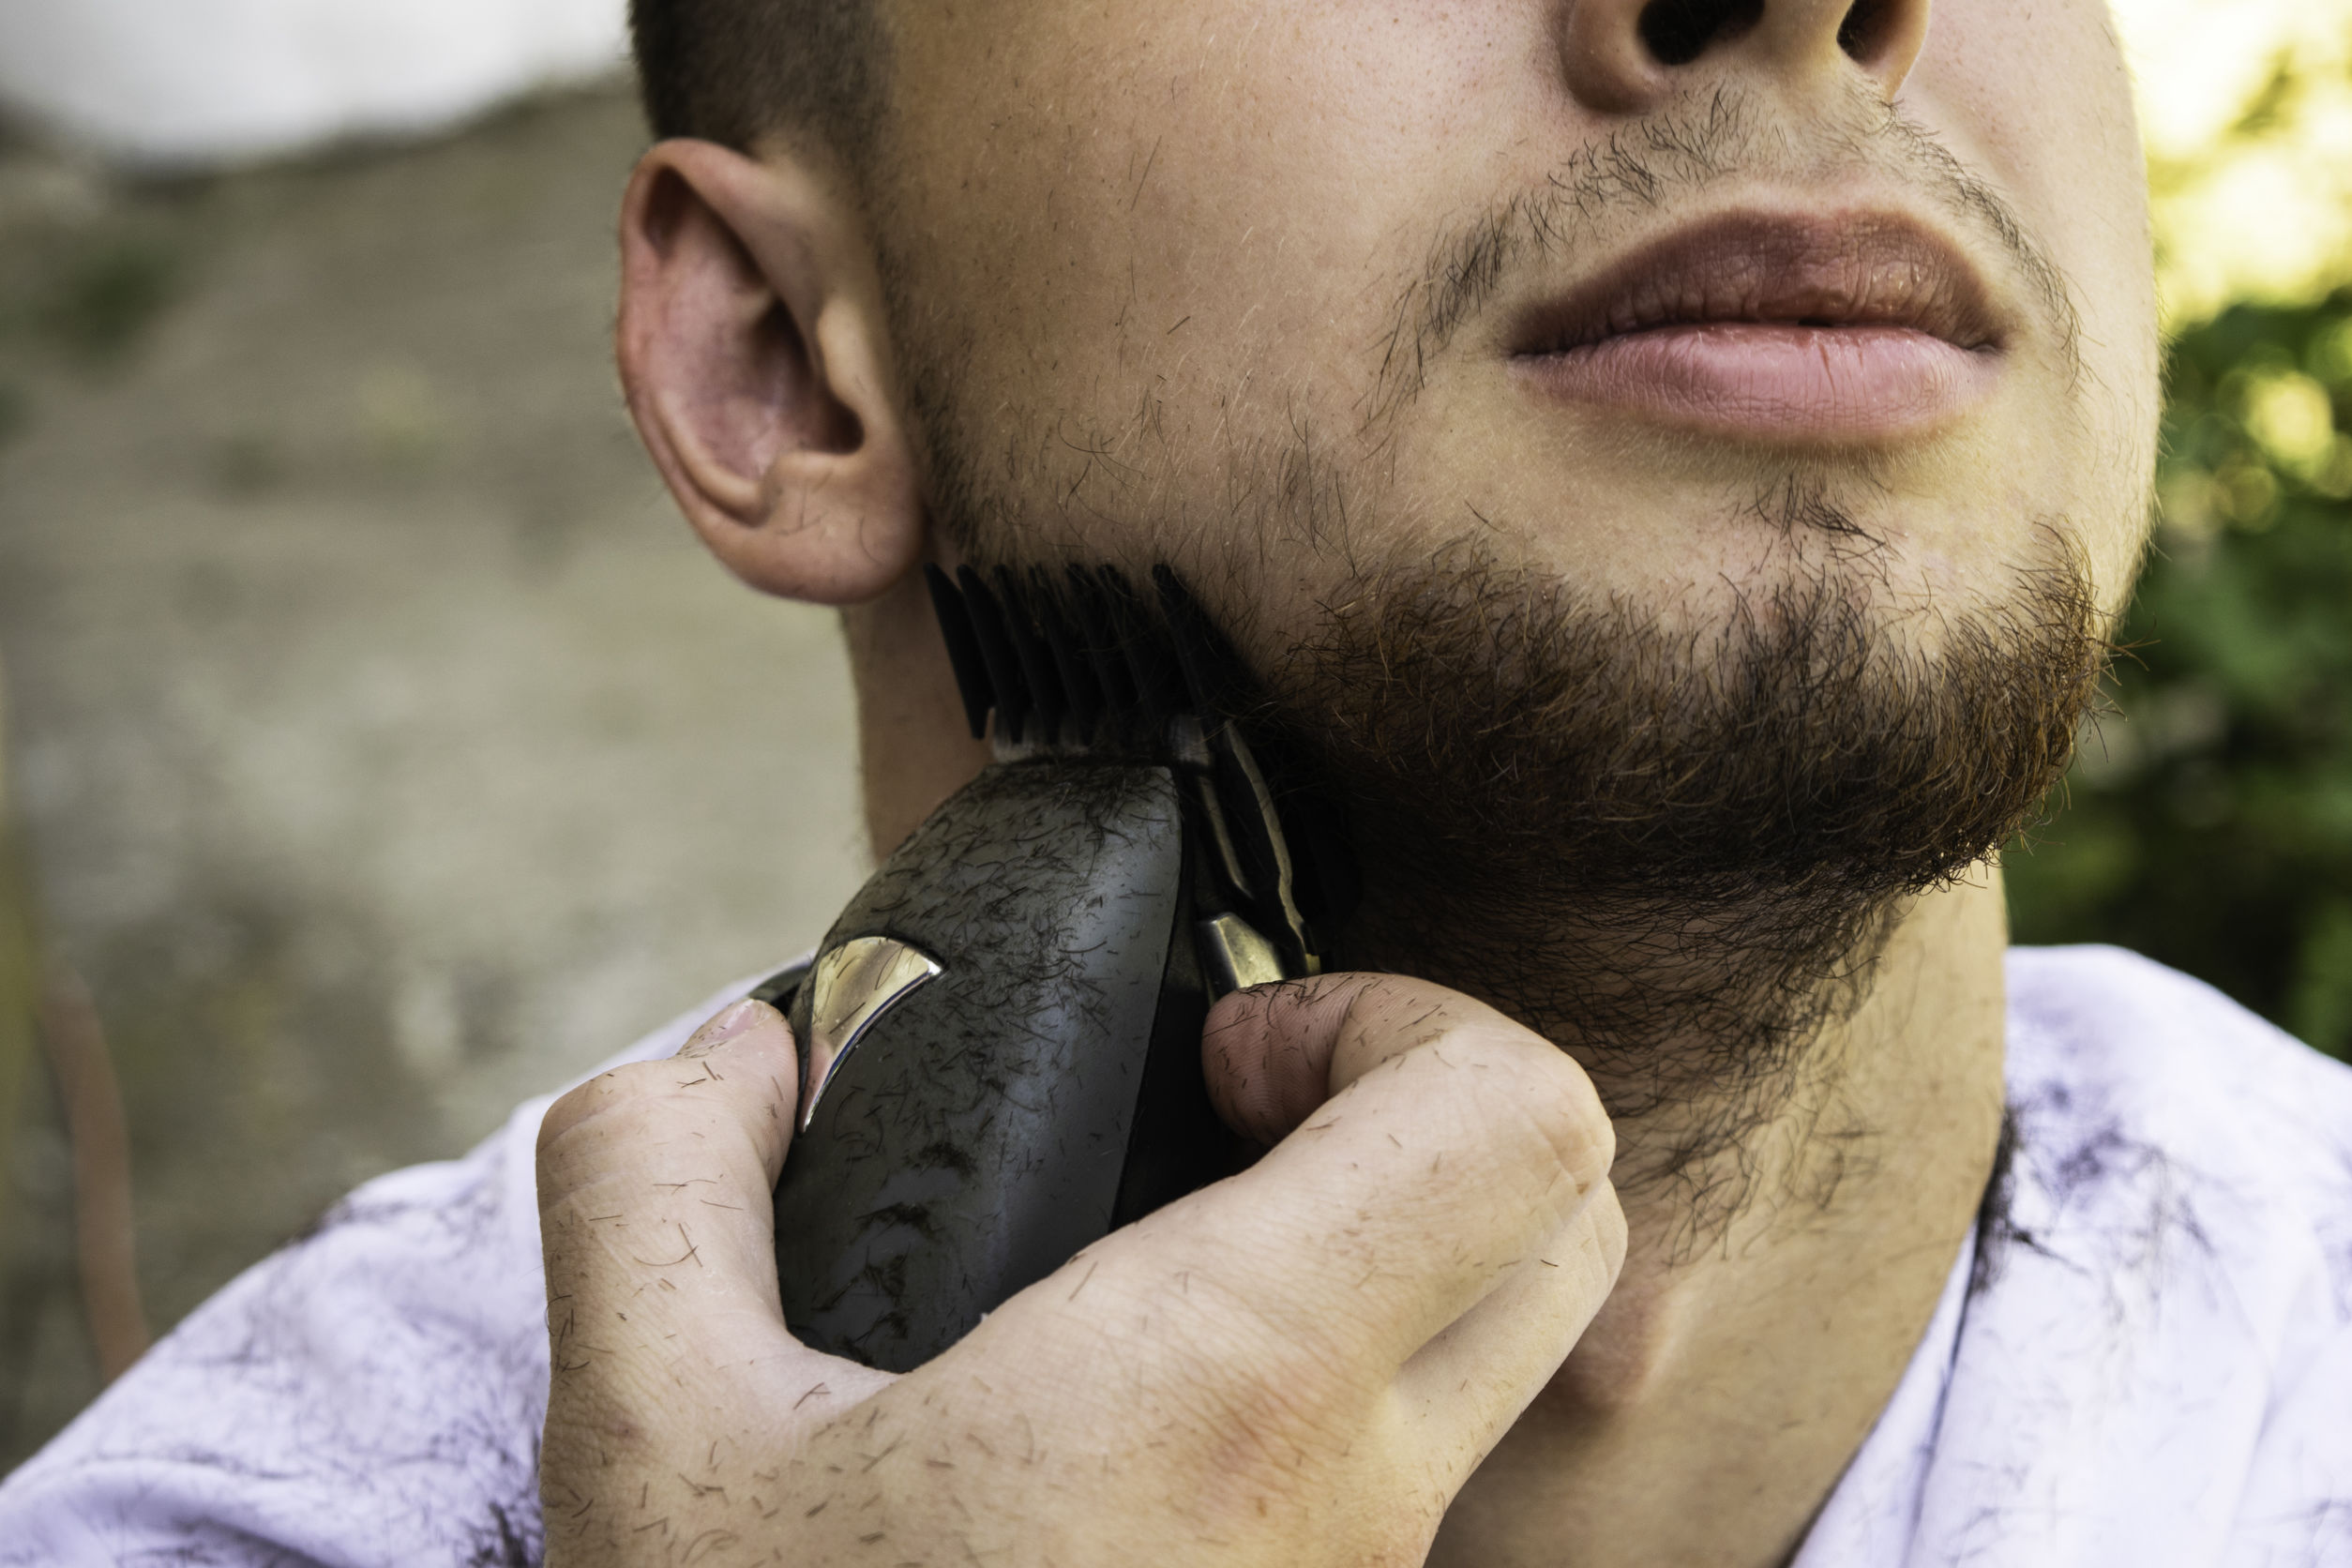 Rasierer: Test & Empfehlungen (10/20)